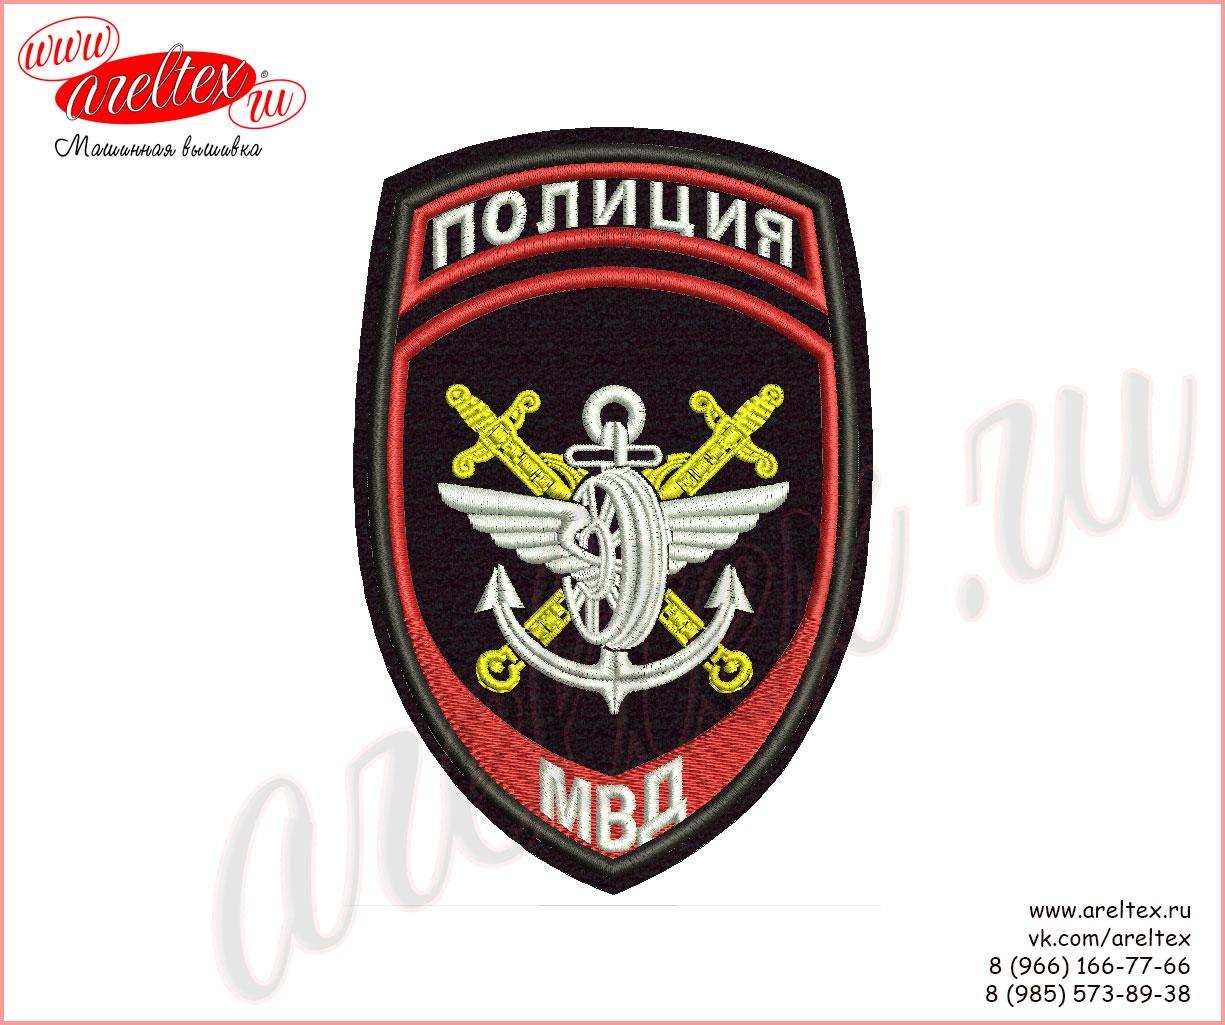 Вышитый нарукавный шеврон для сотрудников подразделений МВД на транспорте